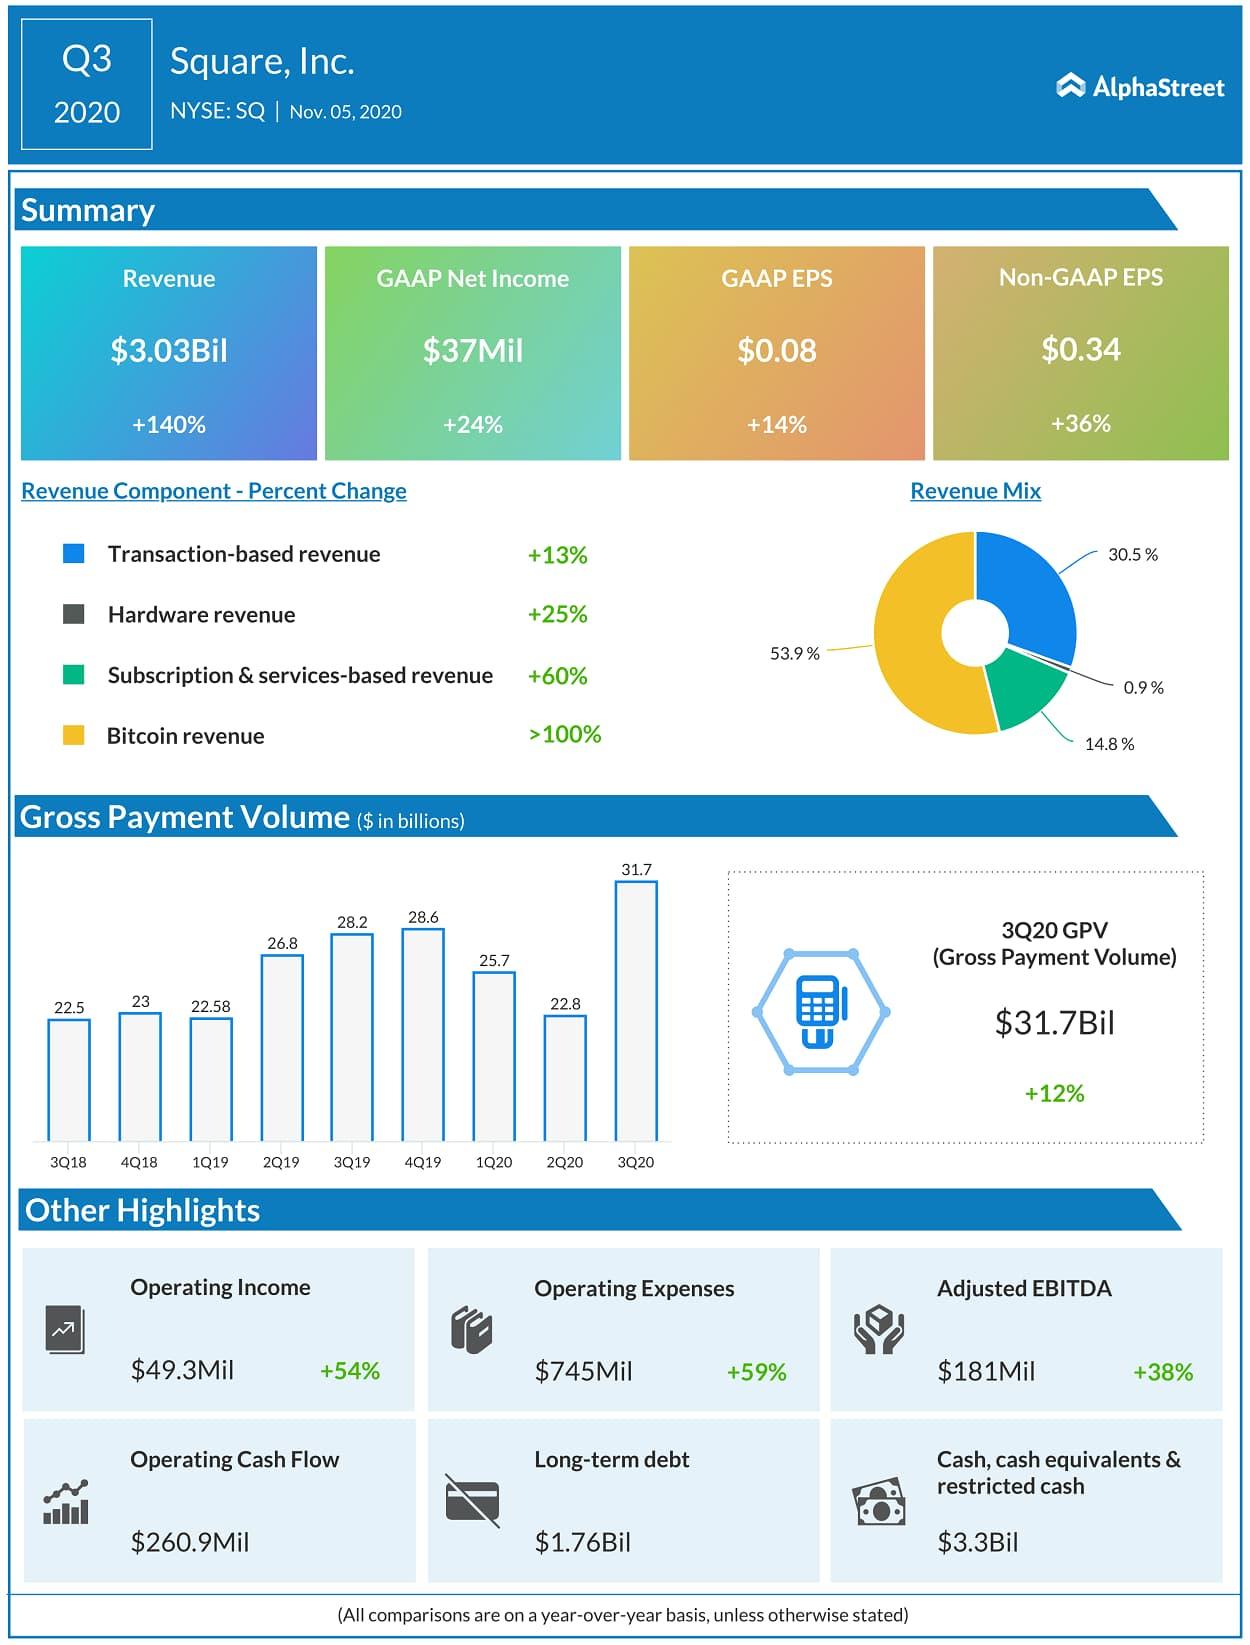 Resultados de ganancias de Square Q3 2020